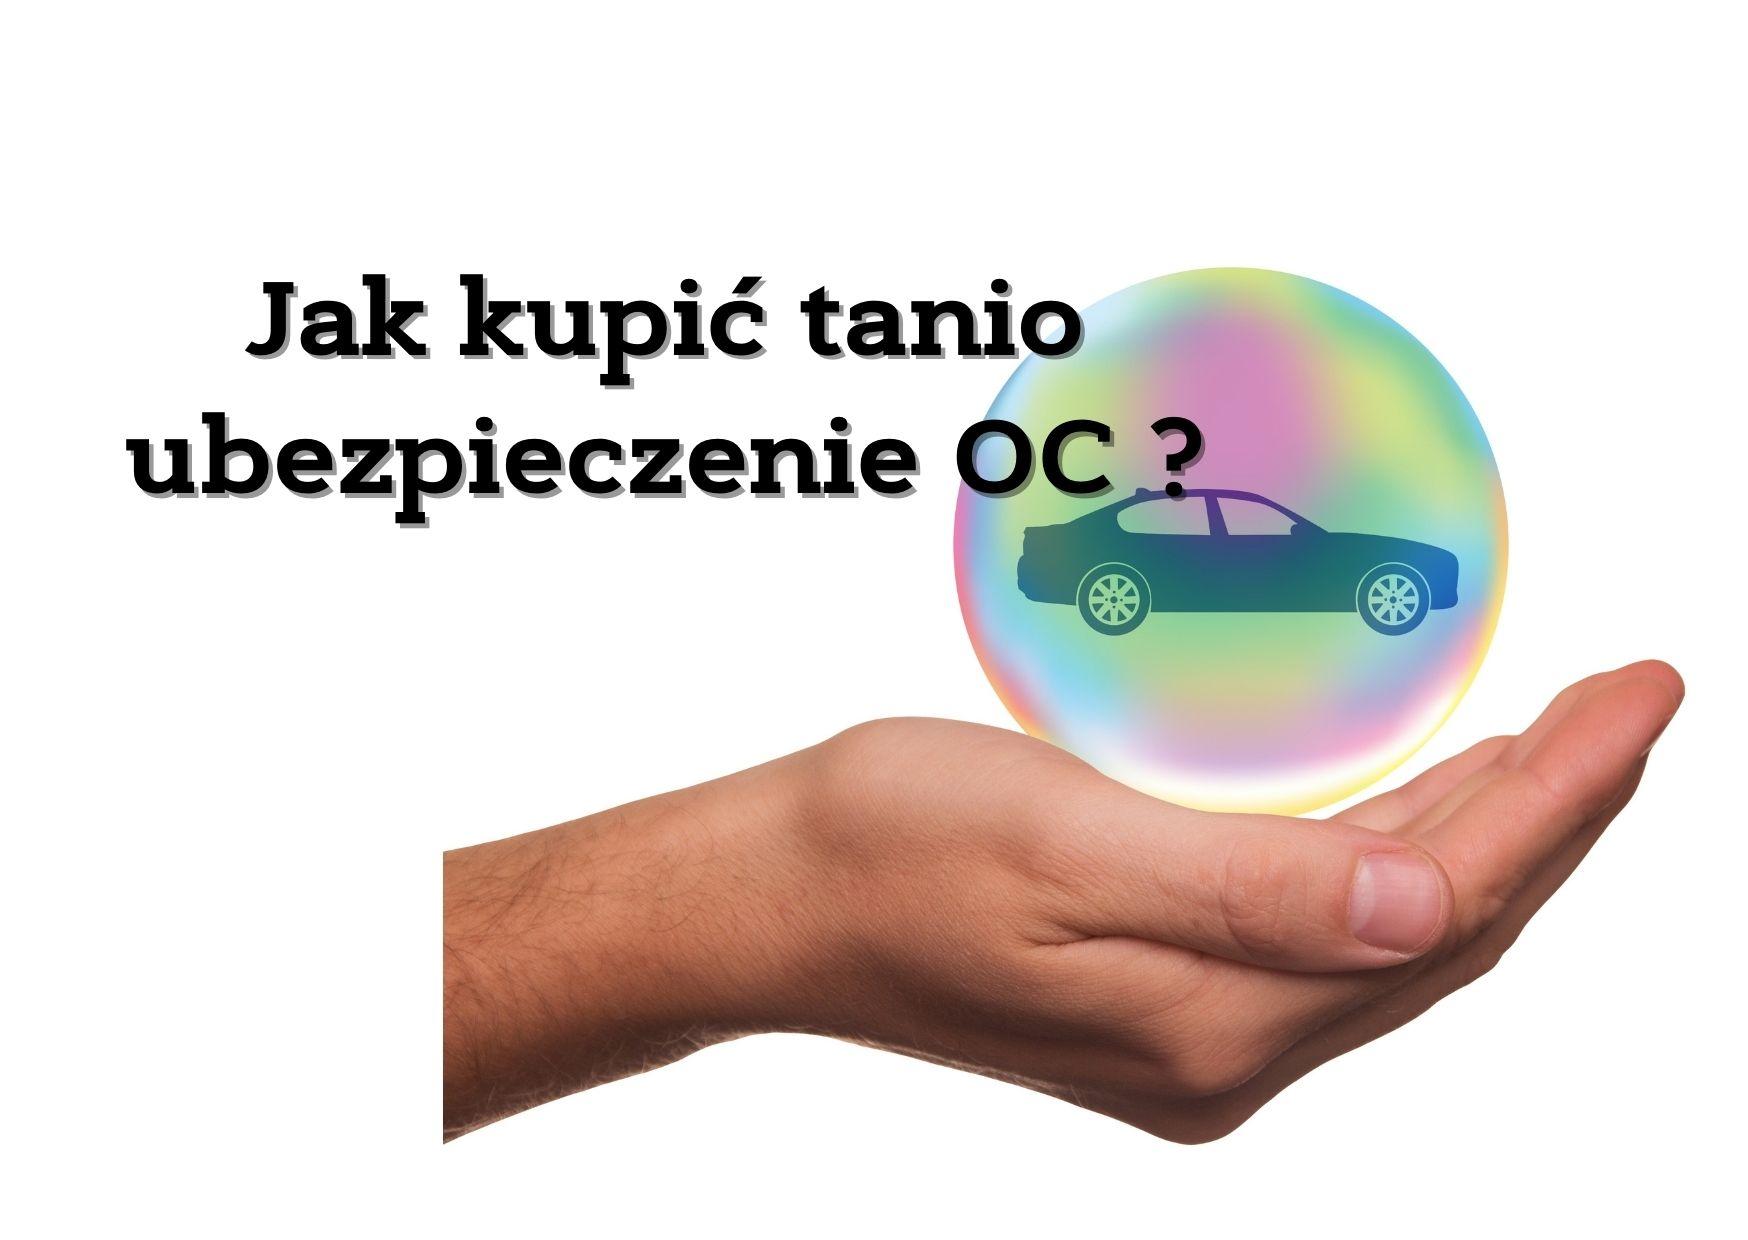 jak kupić tanio ubezpieczenie OC?